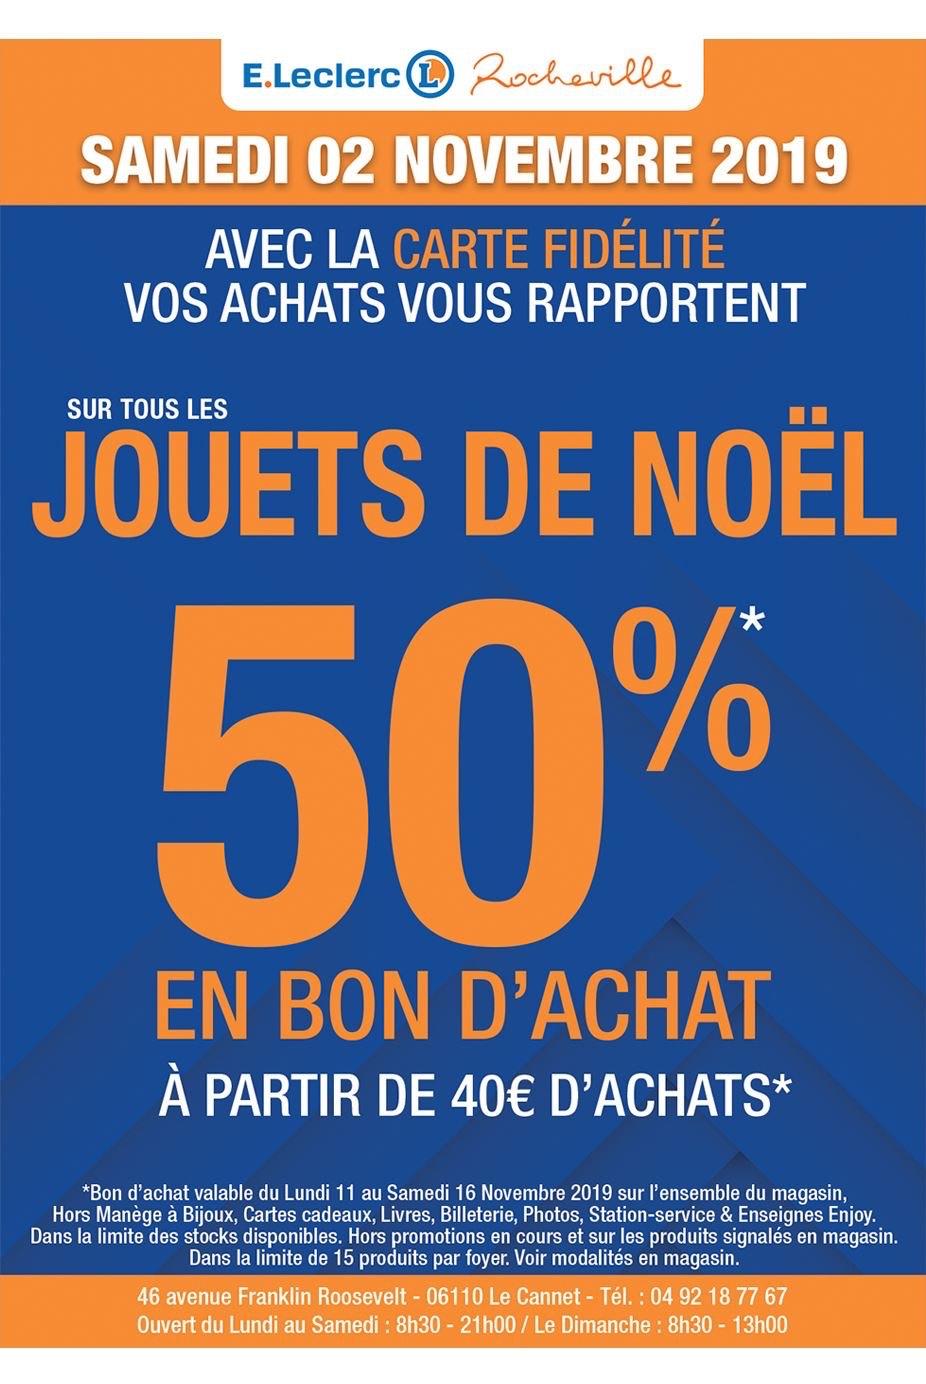 50% offerts en bon d'achat dès 40€ sur le rayon Jouets - Leclerc Rocheville (06)